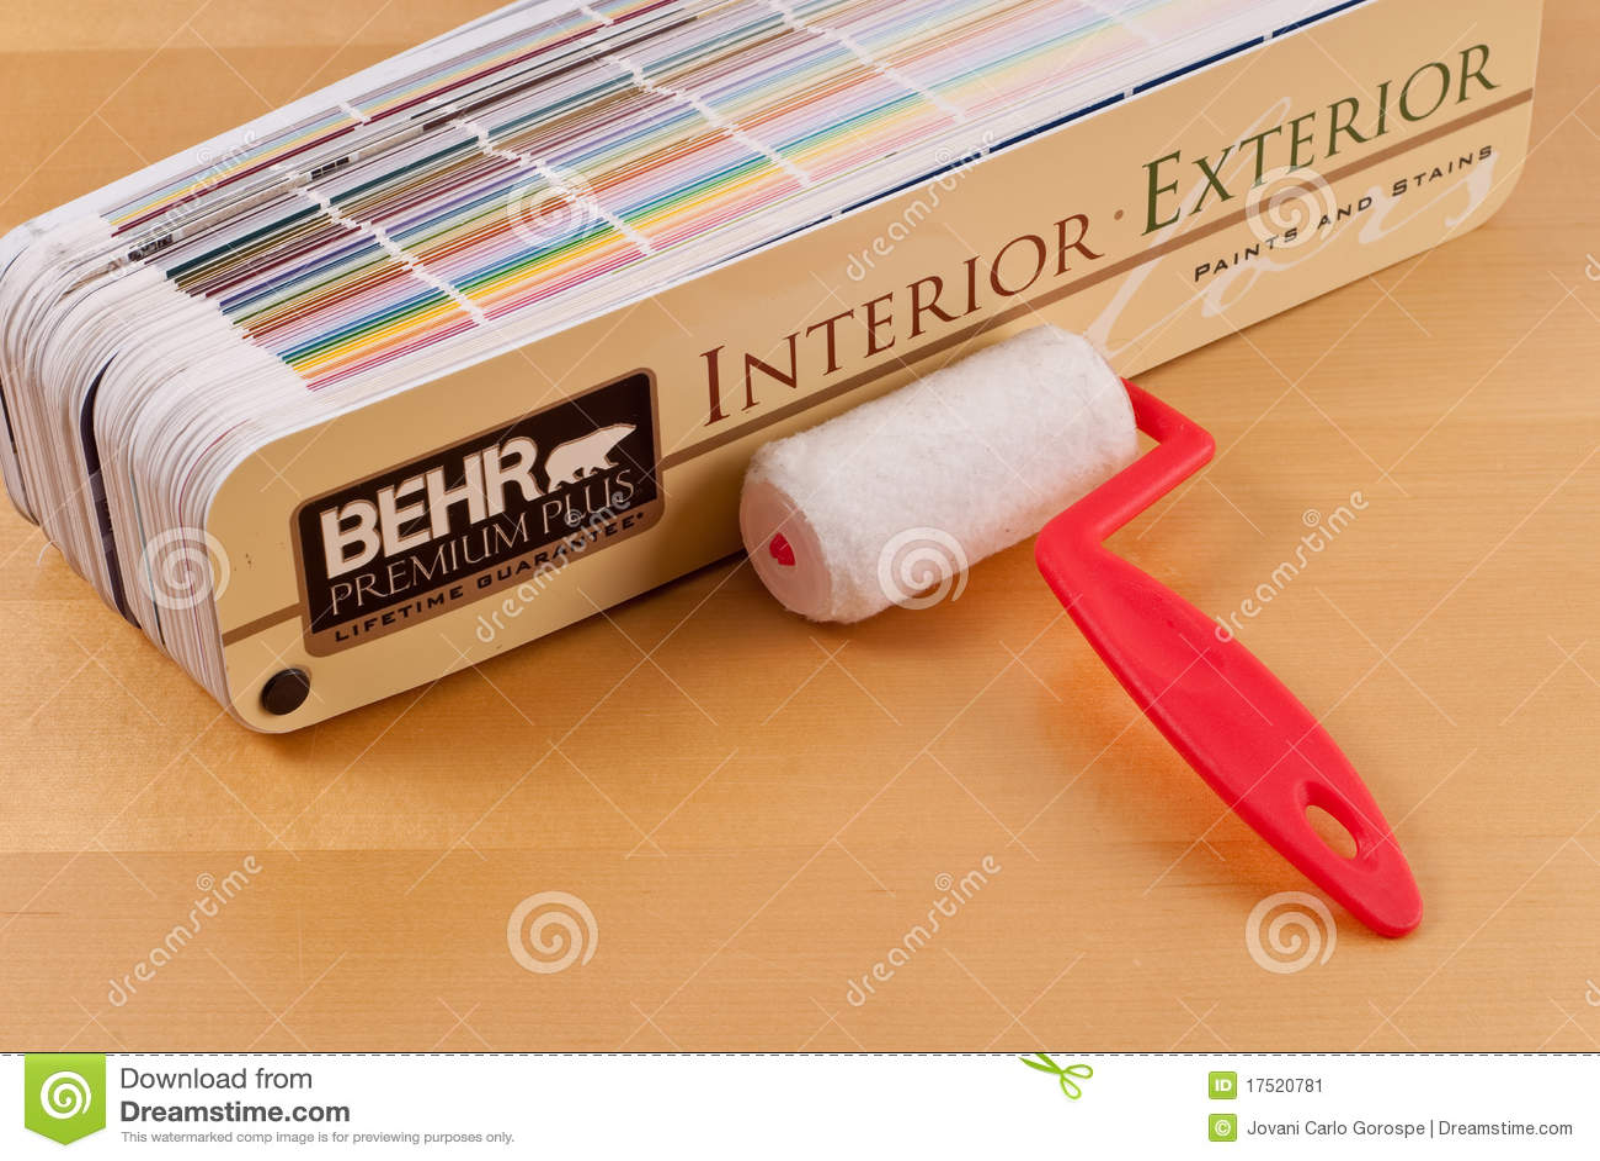 Behr Premium Plus Paint Samples Editorial Photo Image Of Home Decorate 17520781